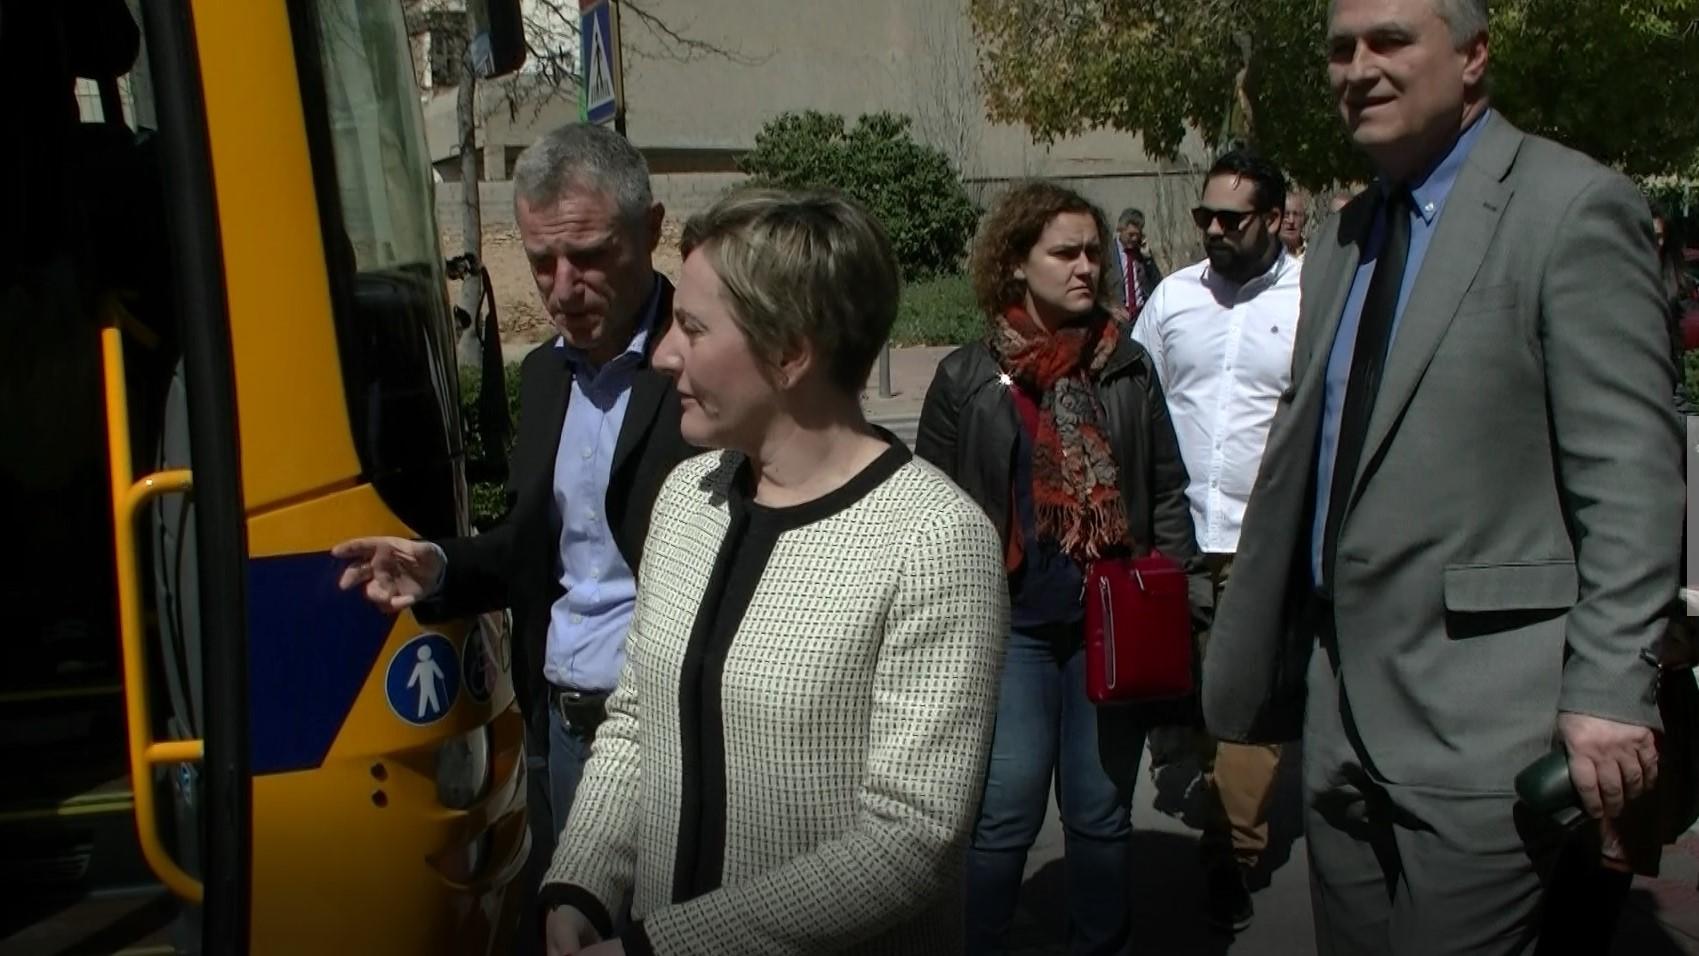 La consellera de Vertebració Territorial visita l'Eliana per presentar la nova flota d'autobusos València-Llíria.